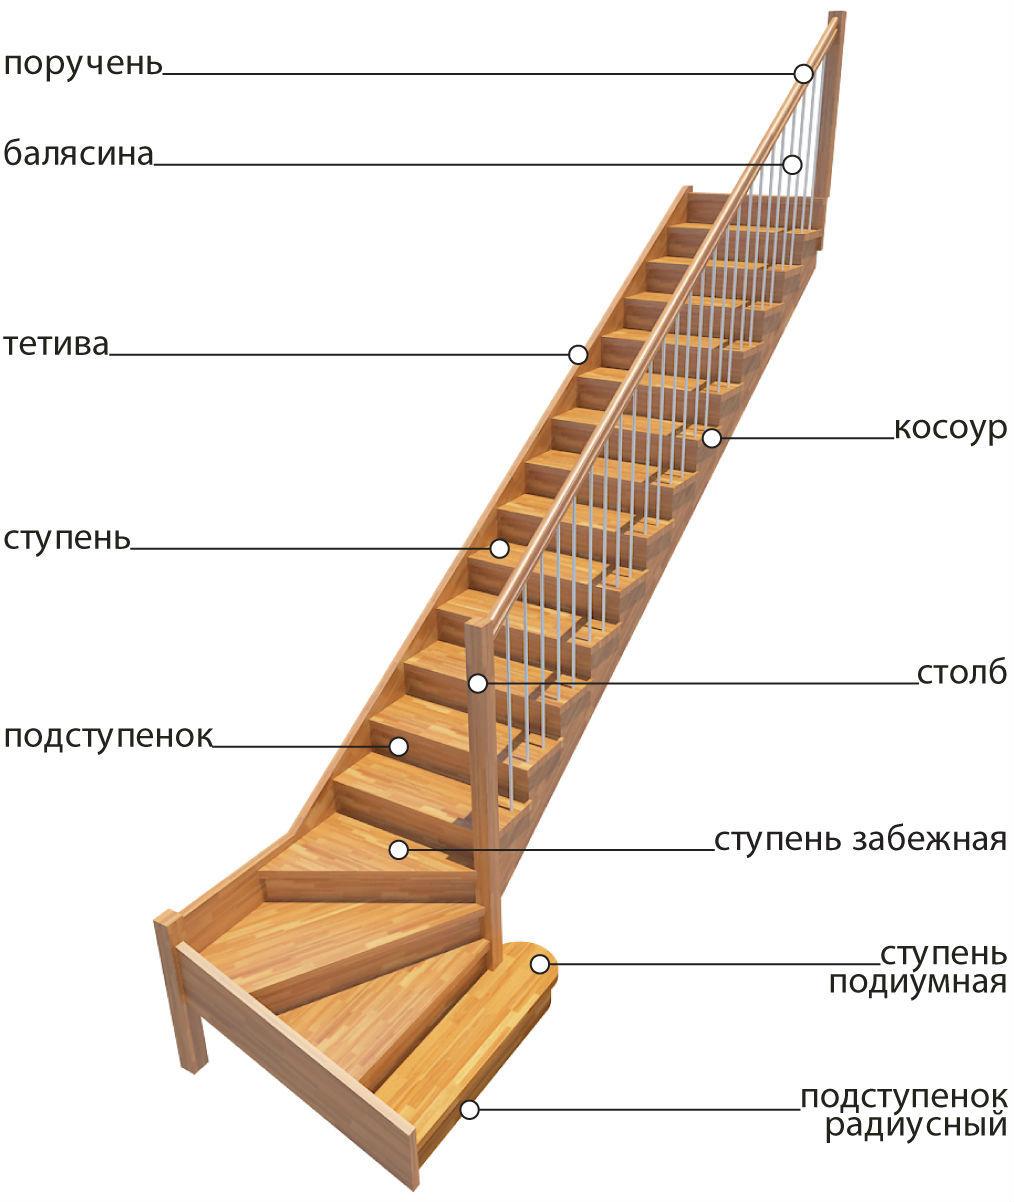 лестница основные элементы